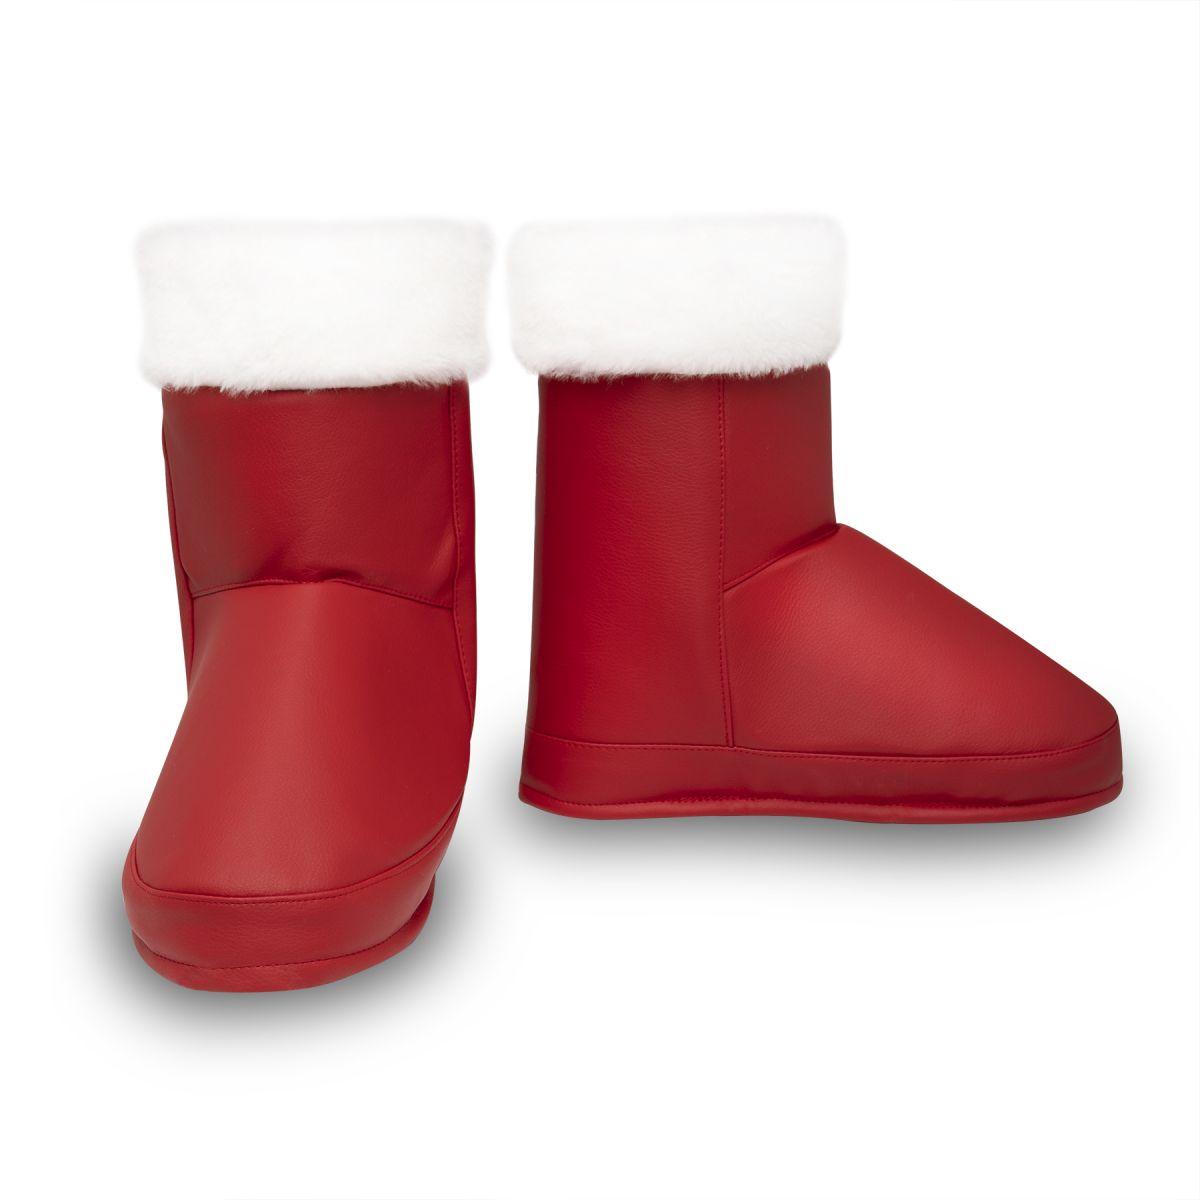 Накладки на взуття Чоботи Діда Мороза червоні з золотом